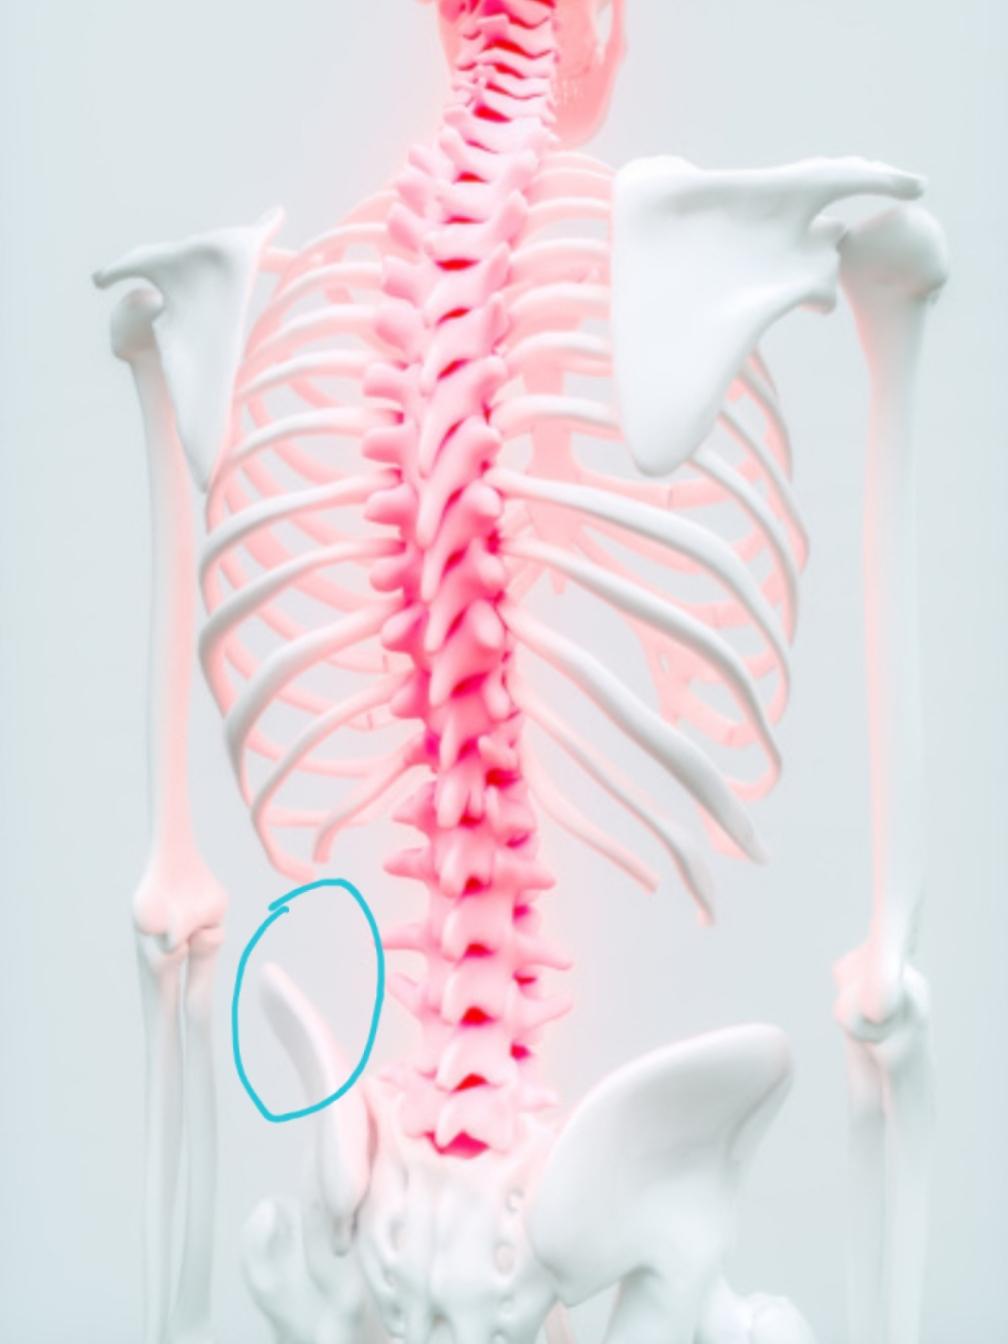 Links unten Rückenschmerzen? (Medizin, Schmerzen, Rücken)